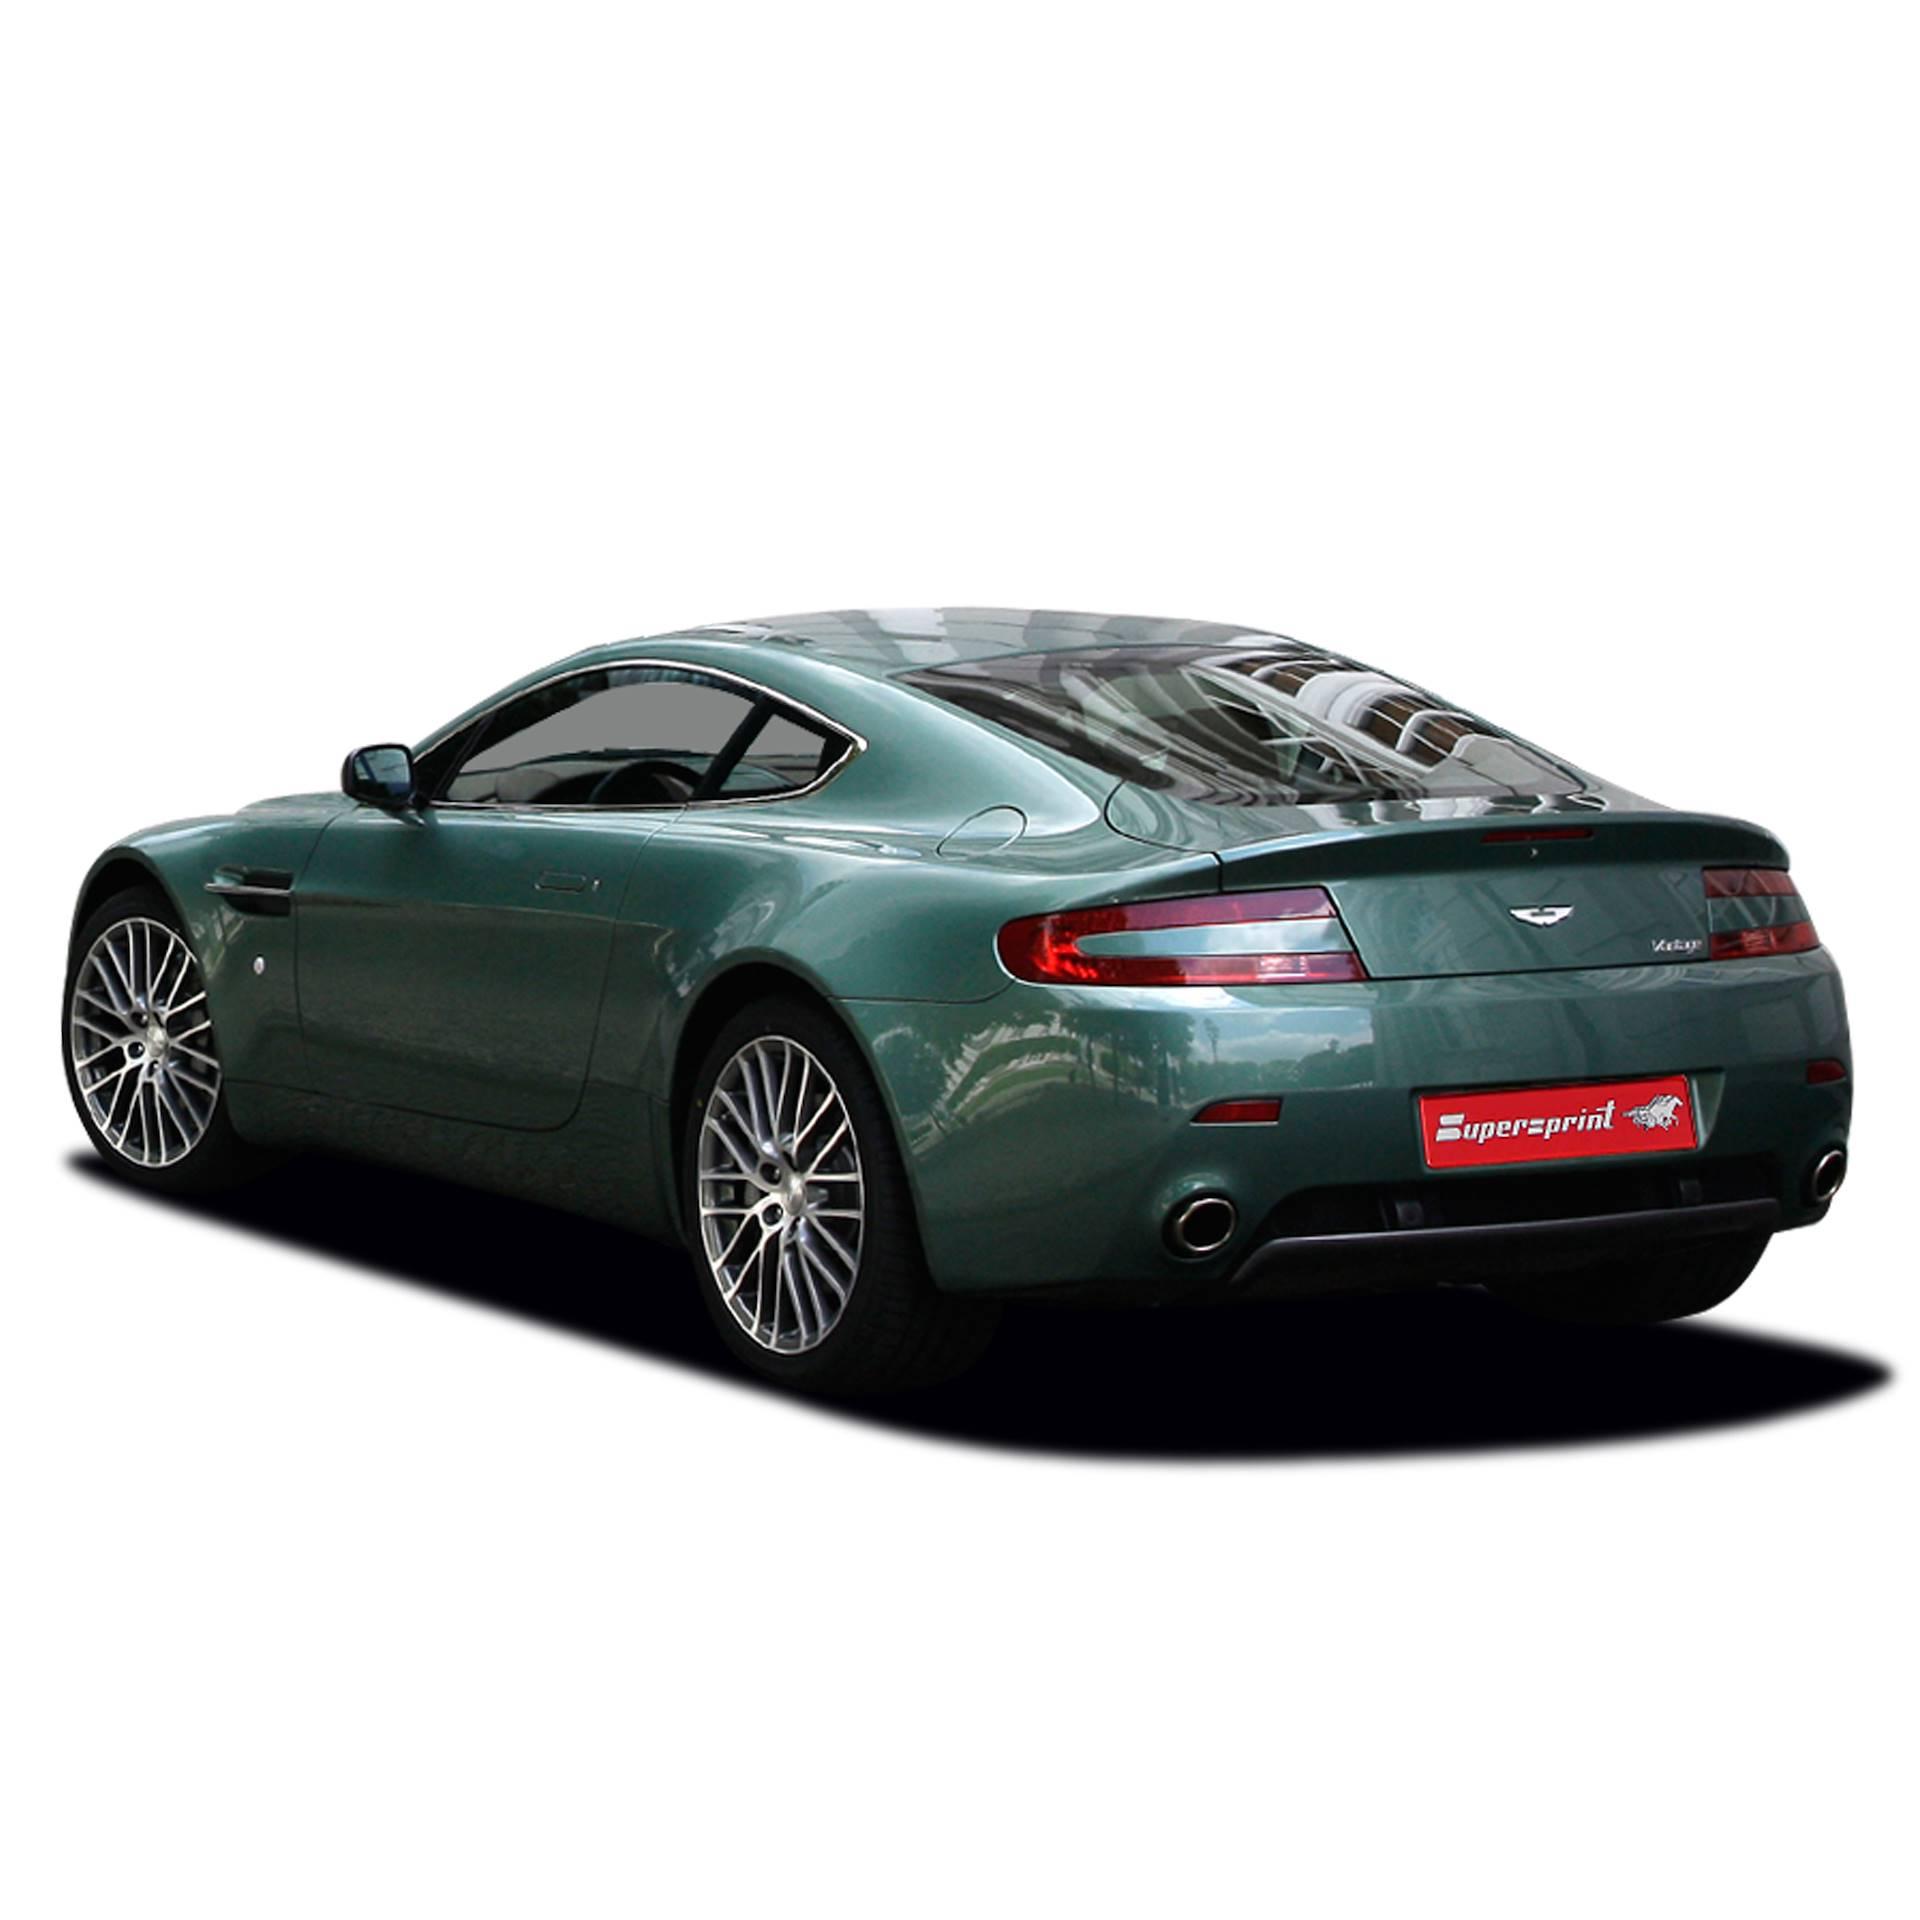 Supersprint Exhaust For Aston Martin Vantage V8 4 3i 06